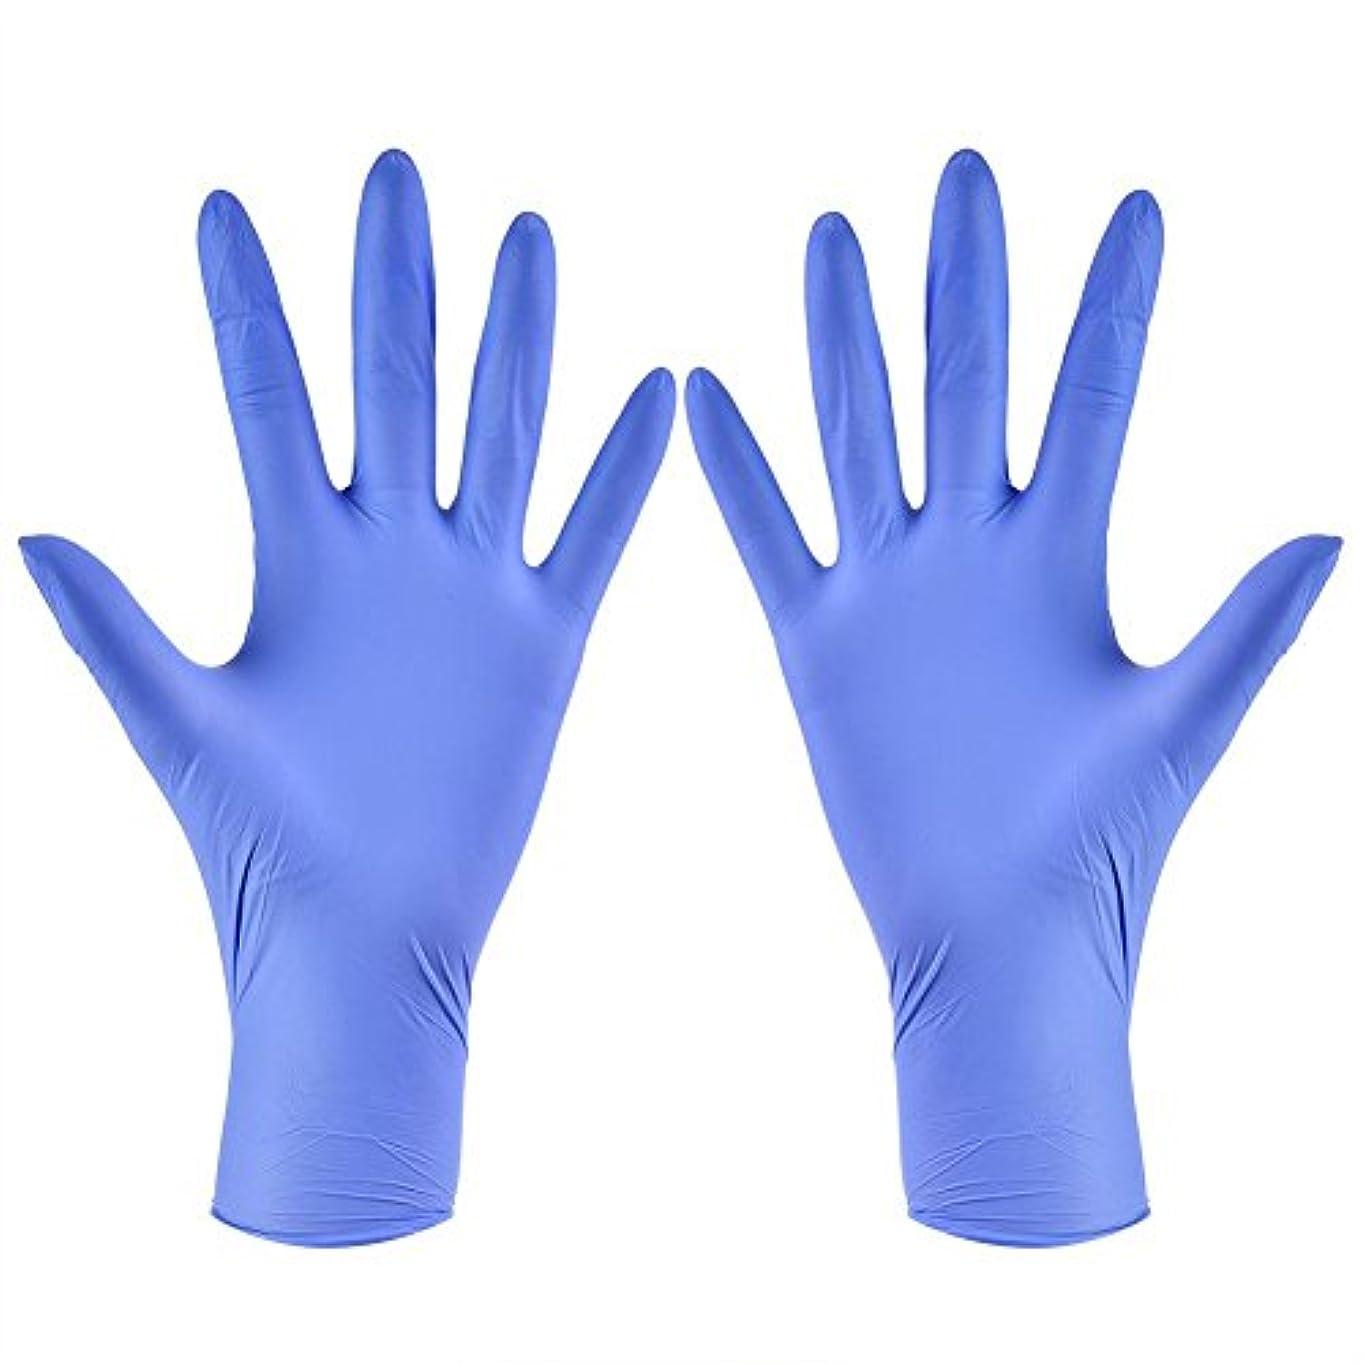 敵意パック誤使い捨て手袋 ニトリルグローブ ホワイト 粉なし タトゥー/歯科/病院/研究室に適応 S/M/L/XL選択可 100枚 左右兼用(XL)